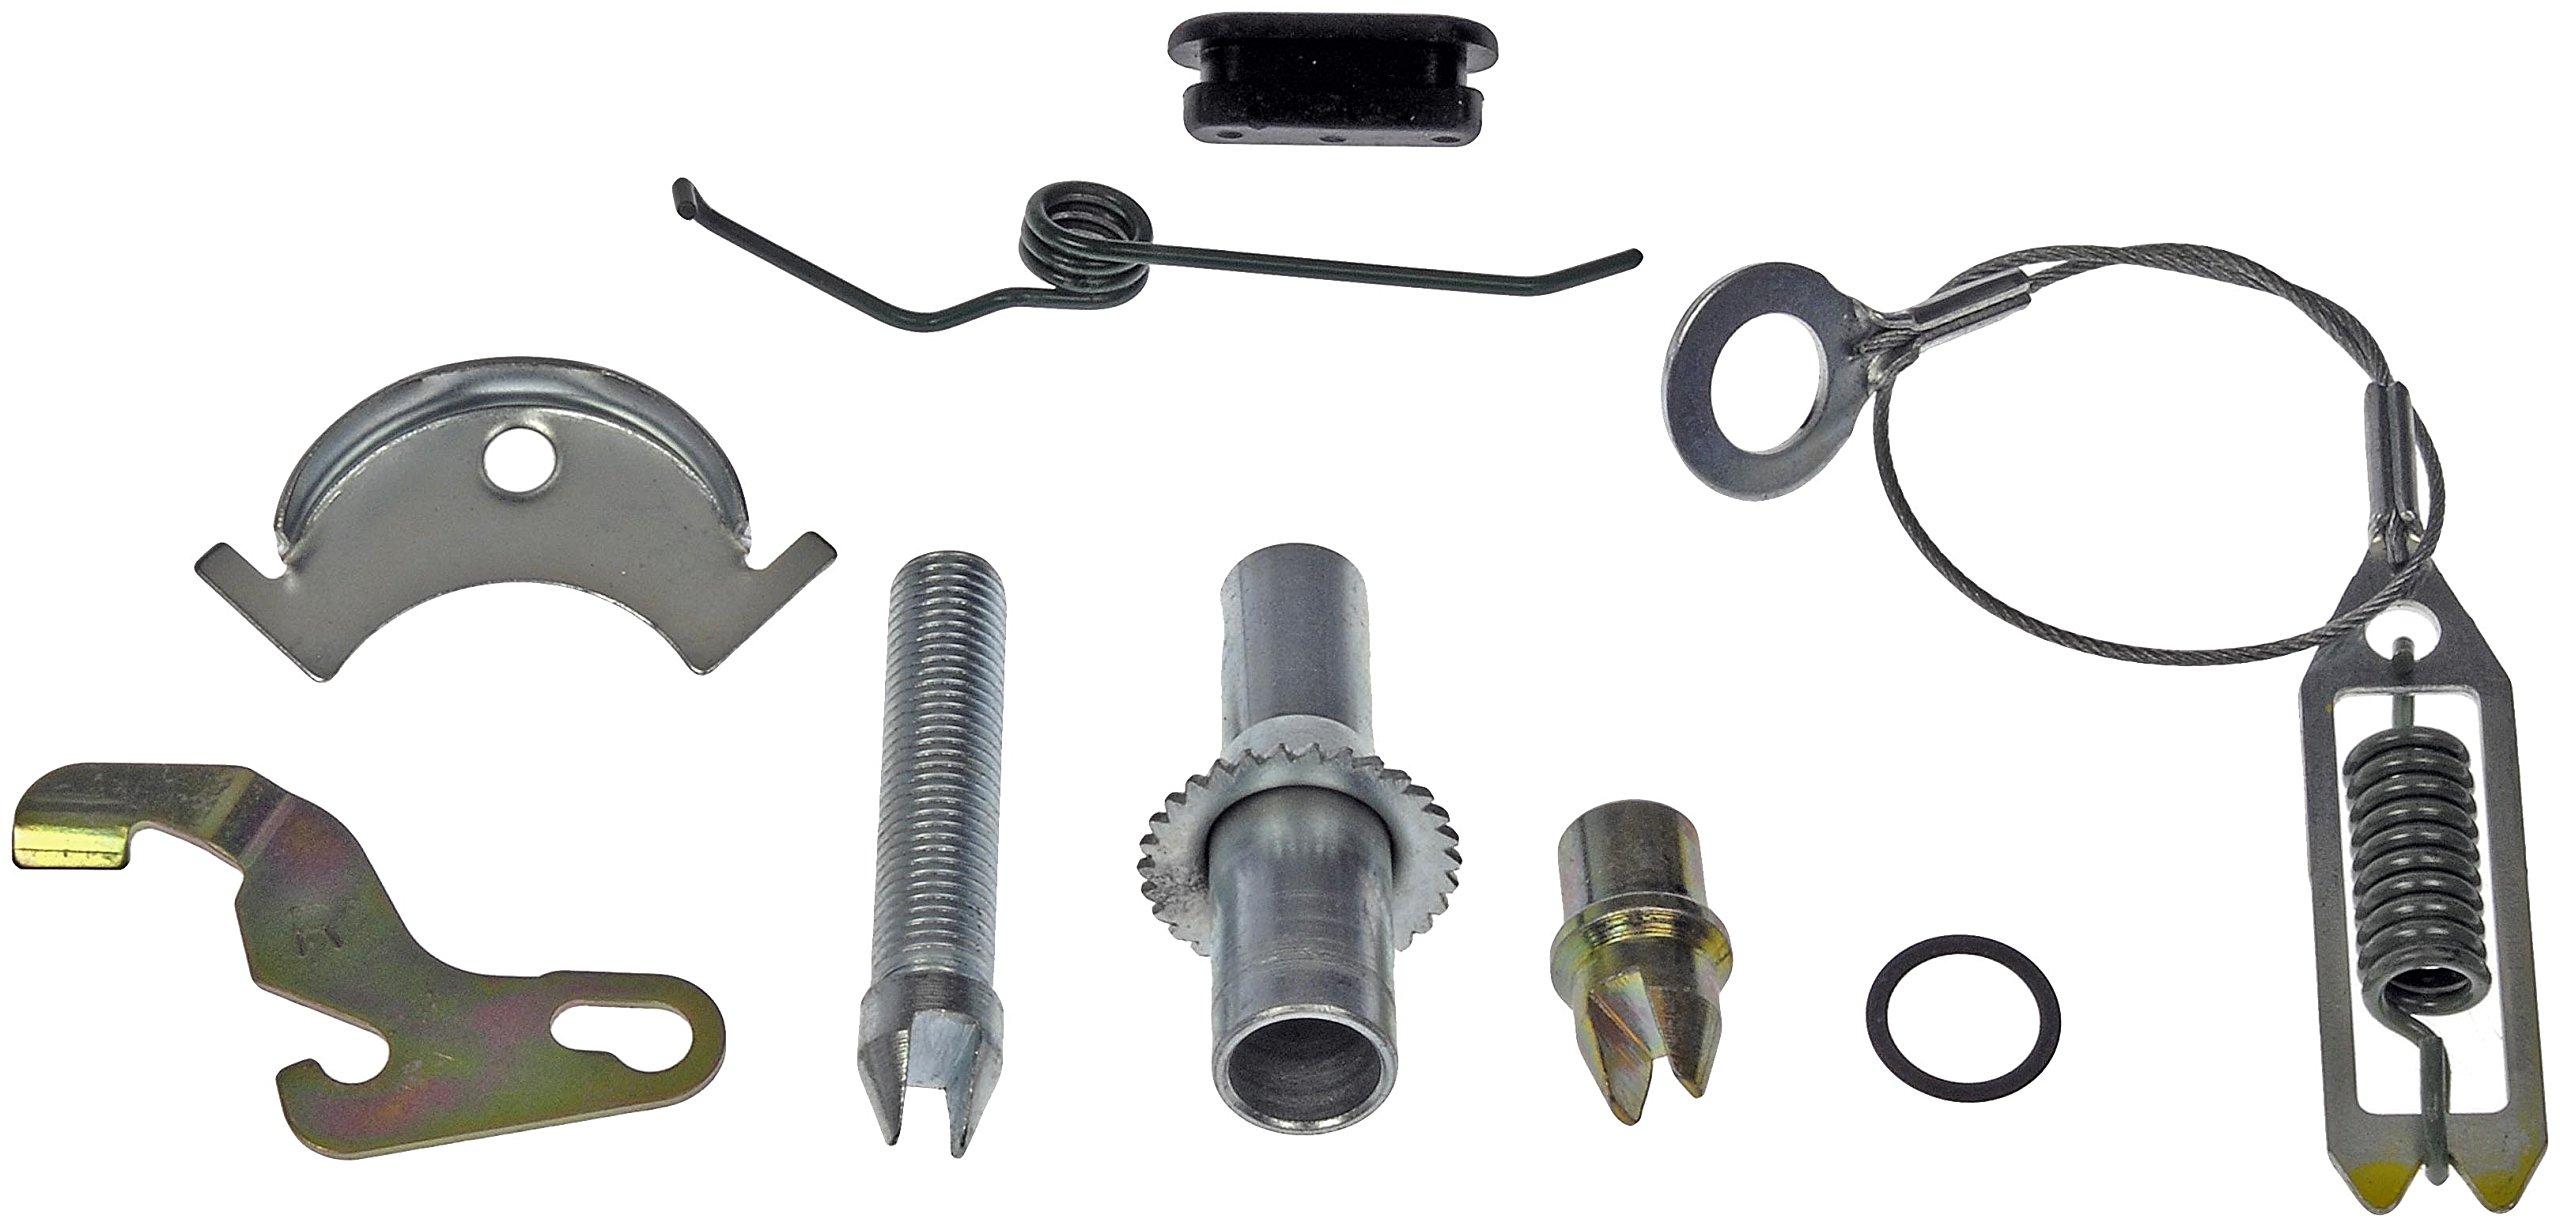 Dorman HW2824 Drum Brake Self Adjuster Repair Kit